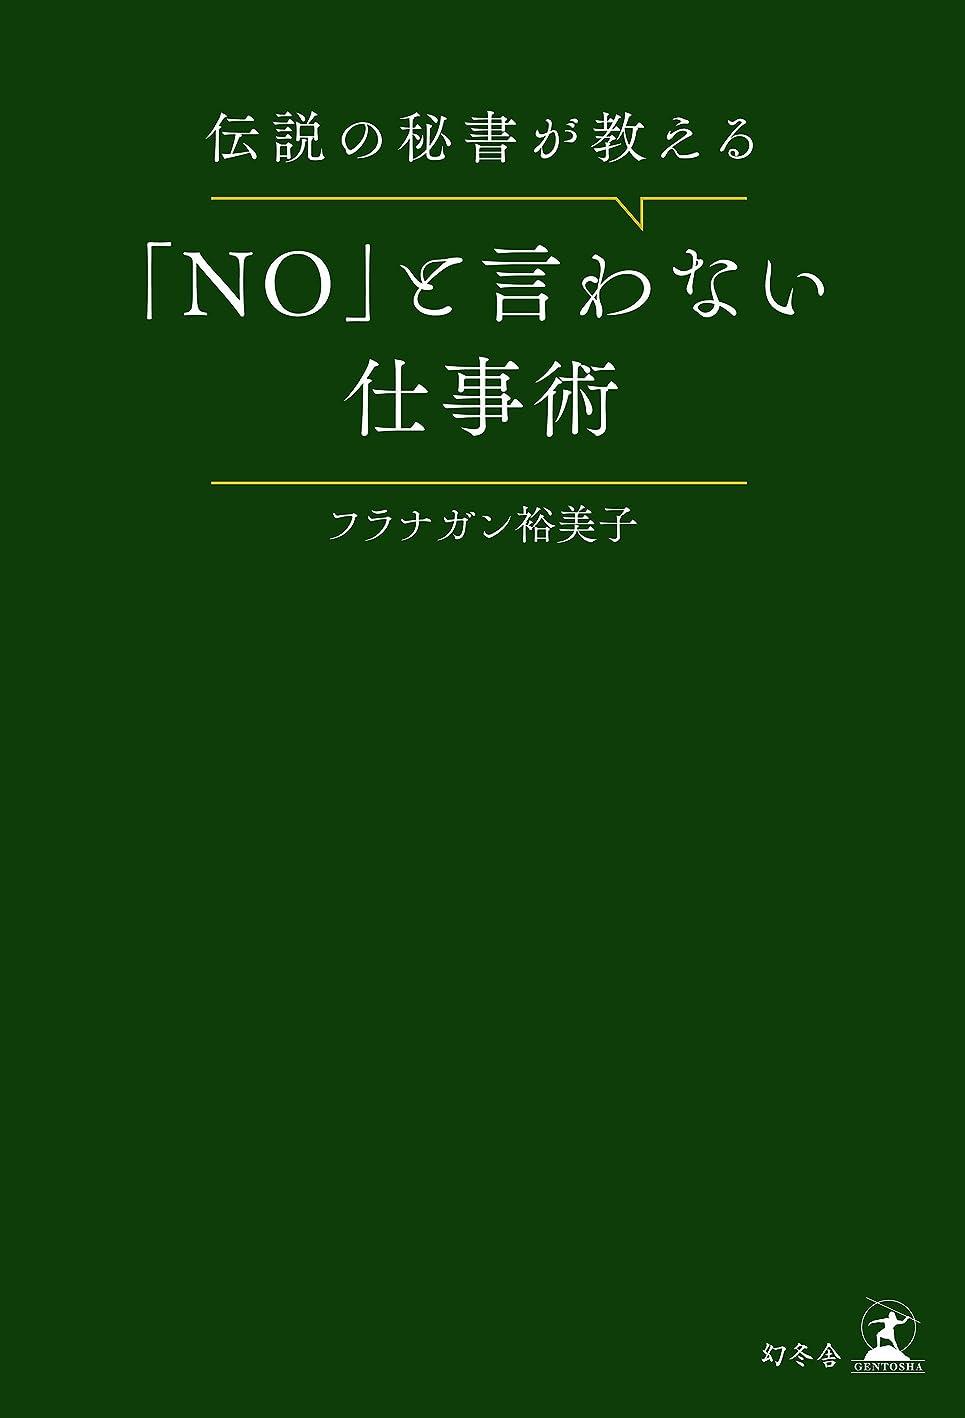 古風な受け取る選ぶ伝説の秘書が教える「NO」と言わない仕事術 (幻冬舎単行本)